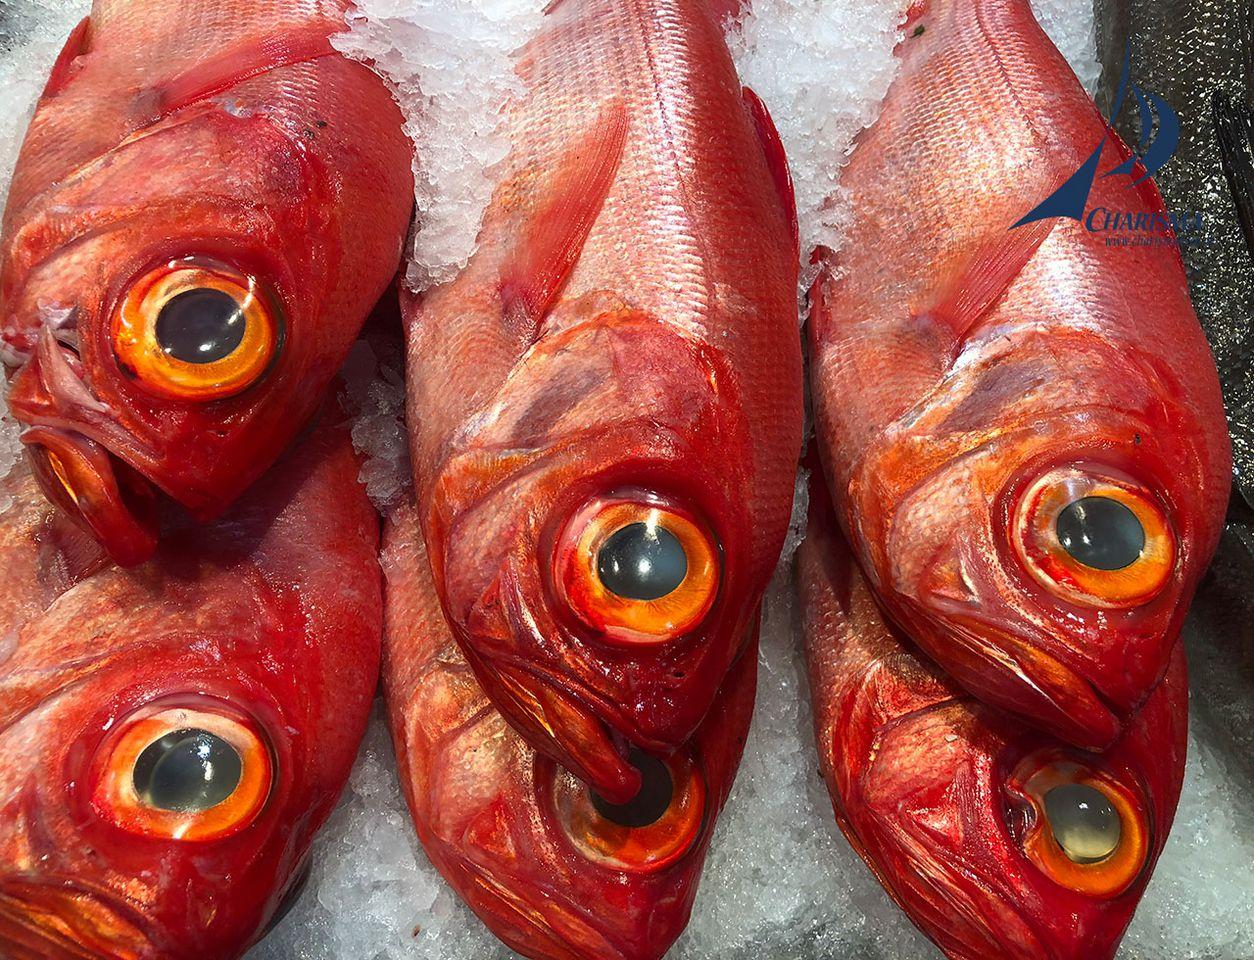 Fischauslage beim Frischemarkt